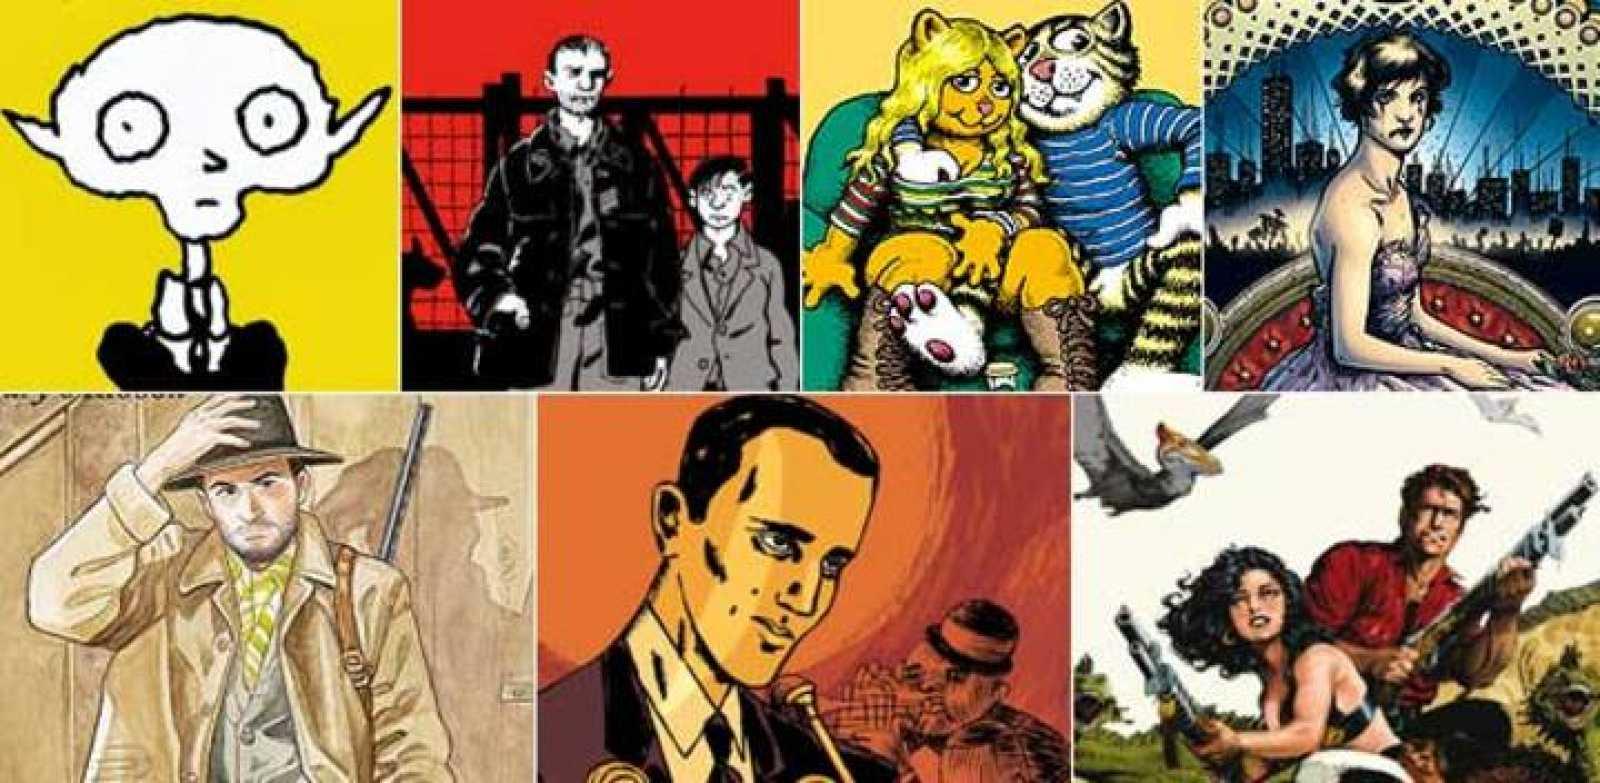 Imágenes de 'Vampir', 'Yo, René Tardi prisionero de guerra en Stalag IIB', 'Las 7 vidas del gato Fritz', 'Fashion Beast', 'El Sabueso 01: St Mary's Ribbon', 'Piscina Molitor/La vida swing de Boris Vian' y 'Xenozoic'